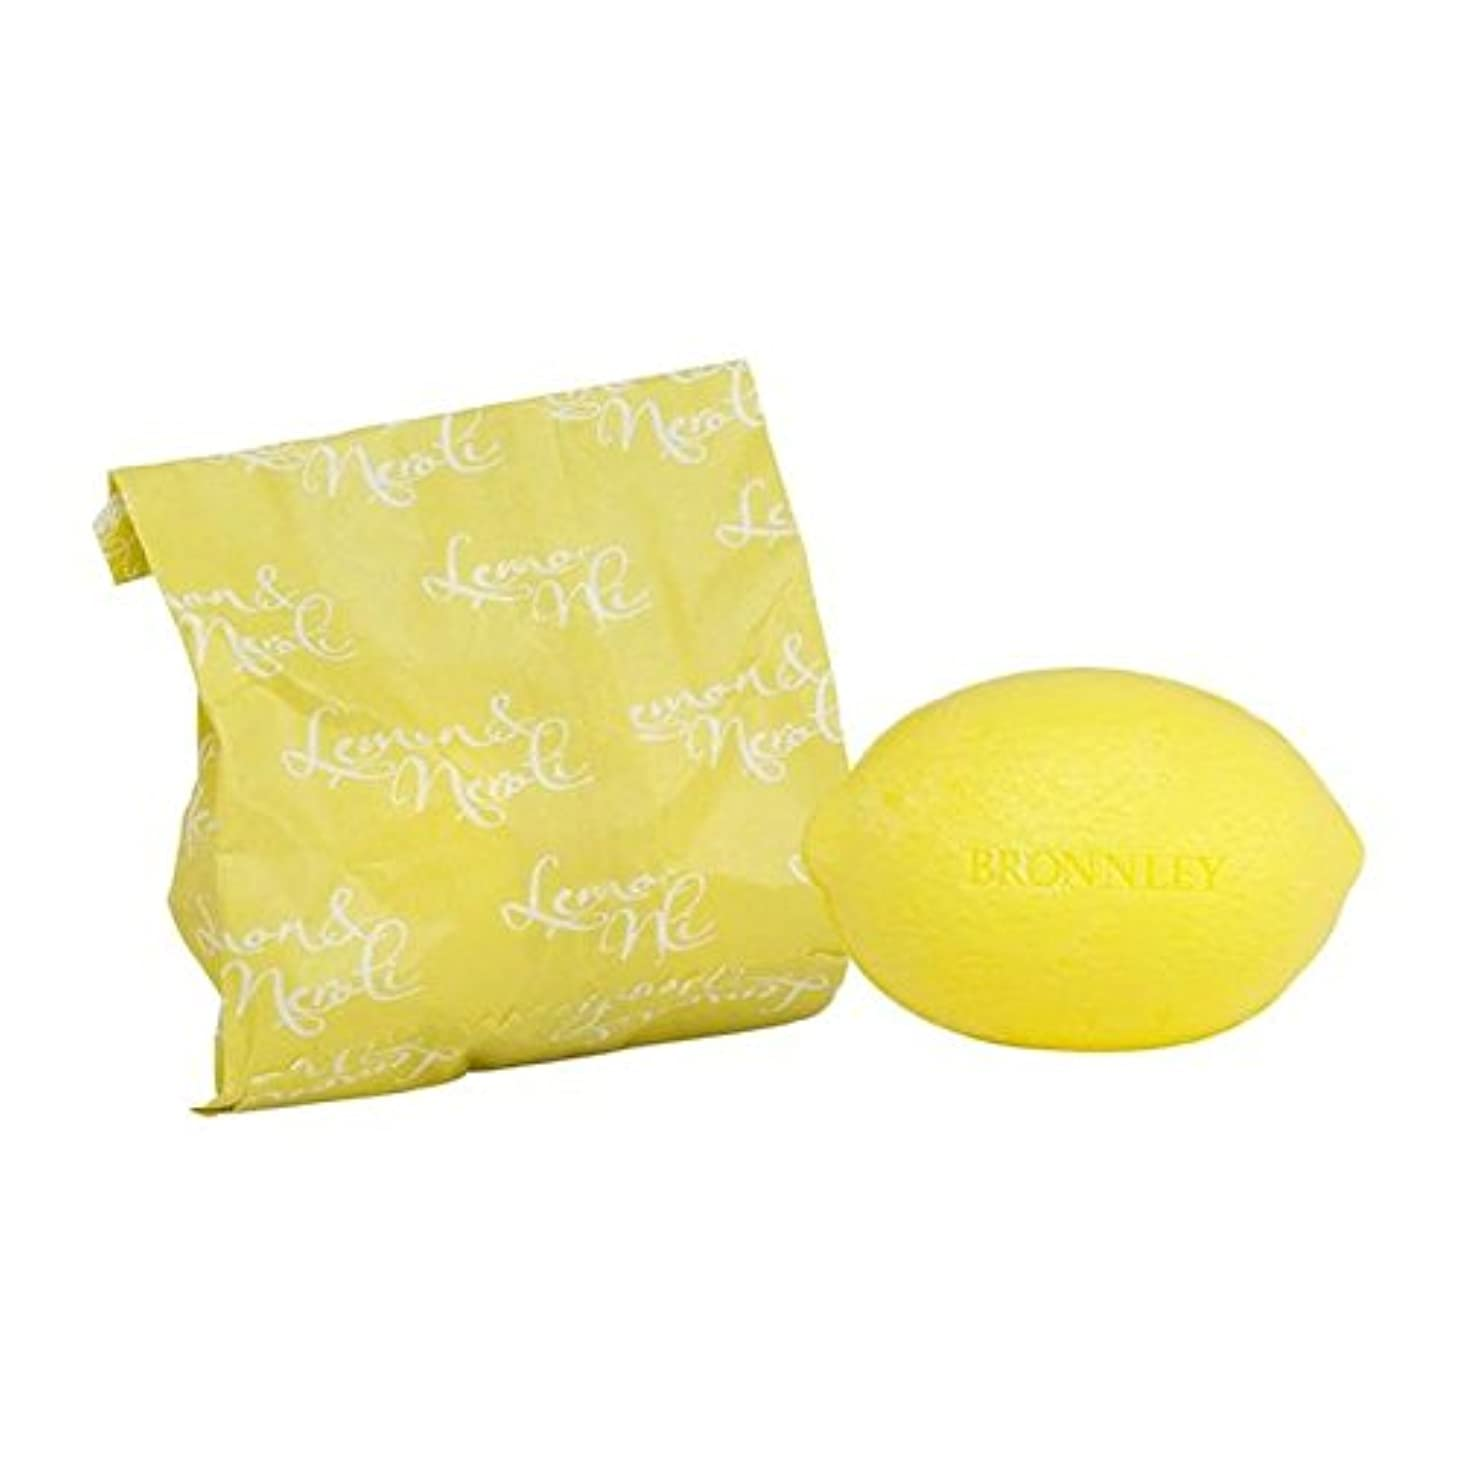 オーケストラ小さい郊外レモン&ネロリ石鹸100グラム x2 - Bronnley Lemon & Neroli Soap 100g (Pack of 2) [並行輸入品]